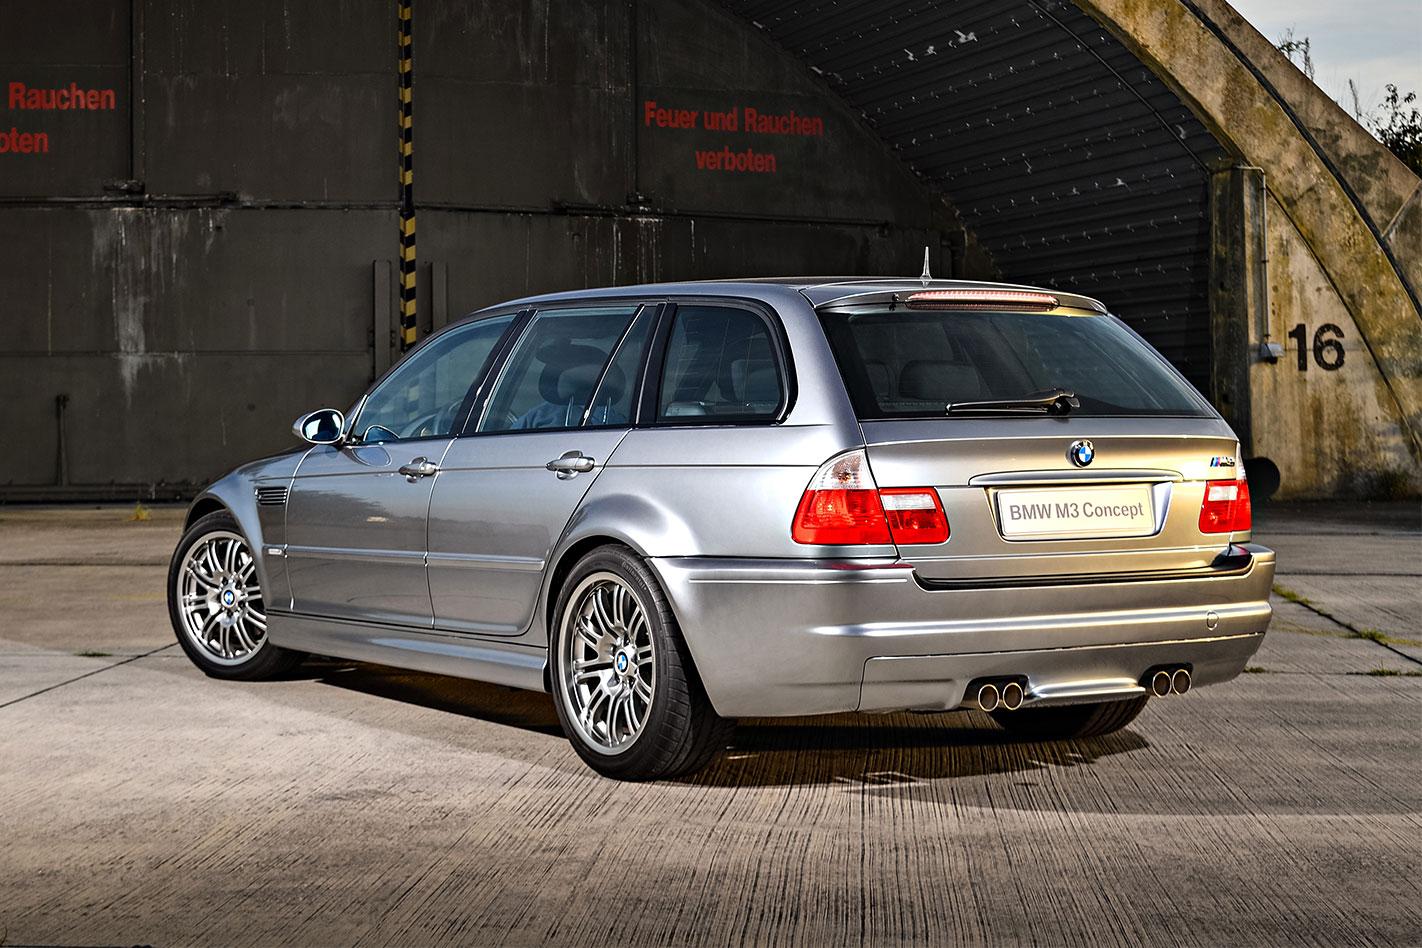 BMW E46 M3 wagon rear